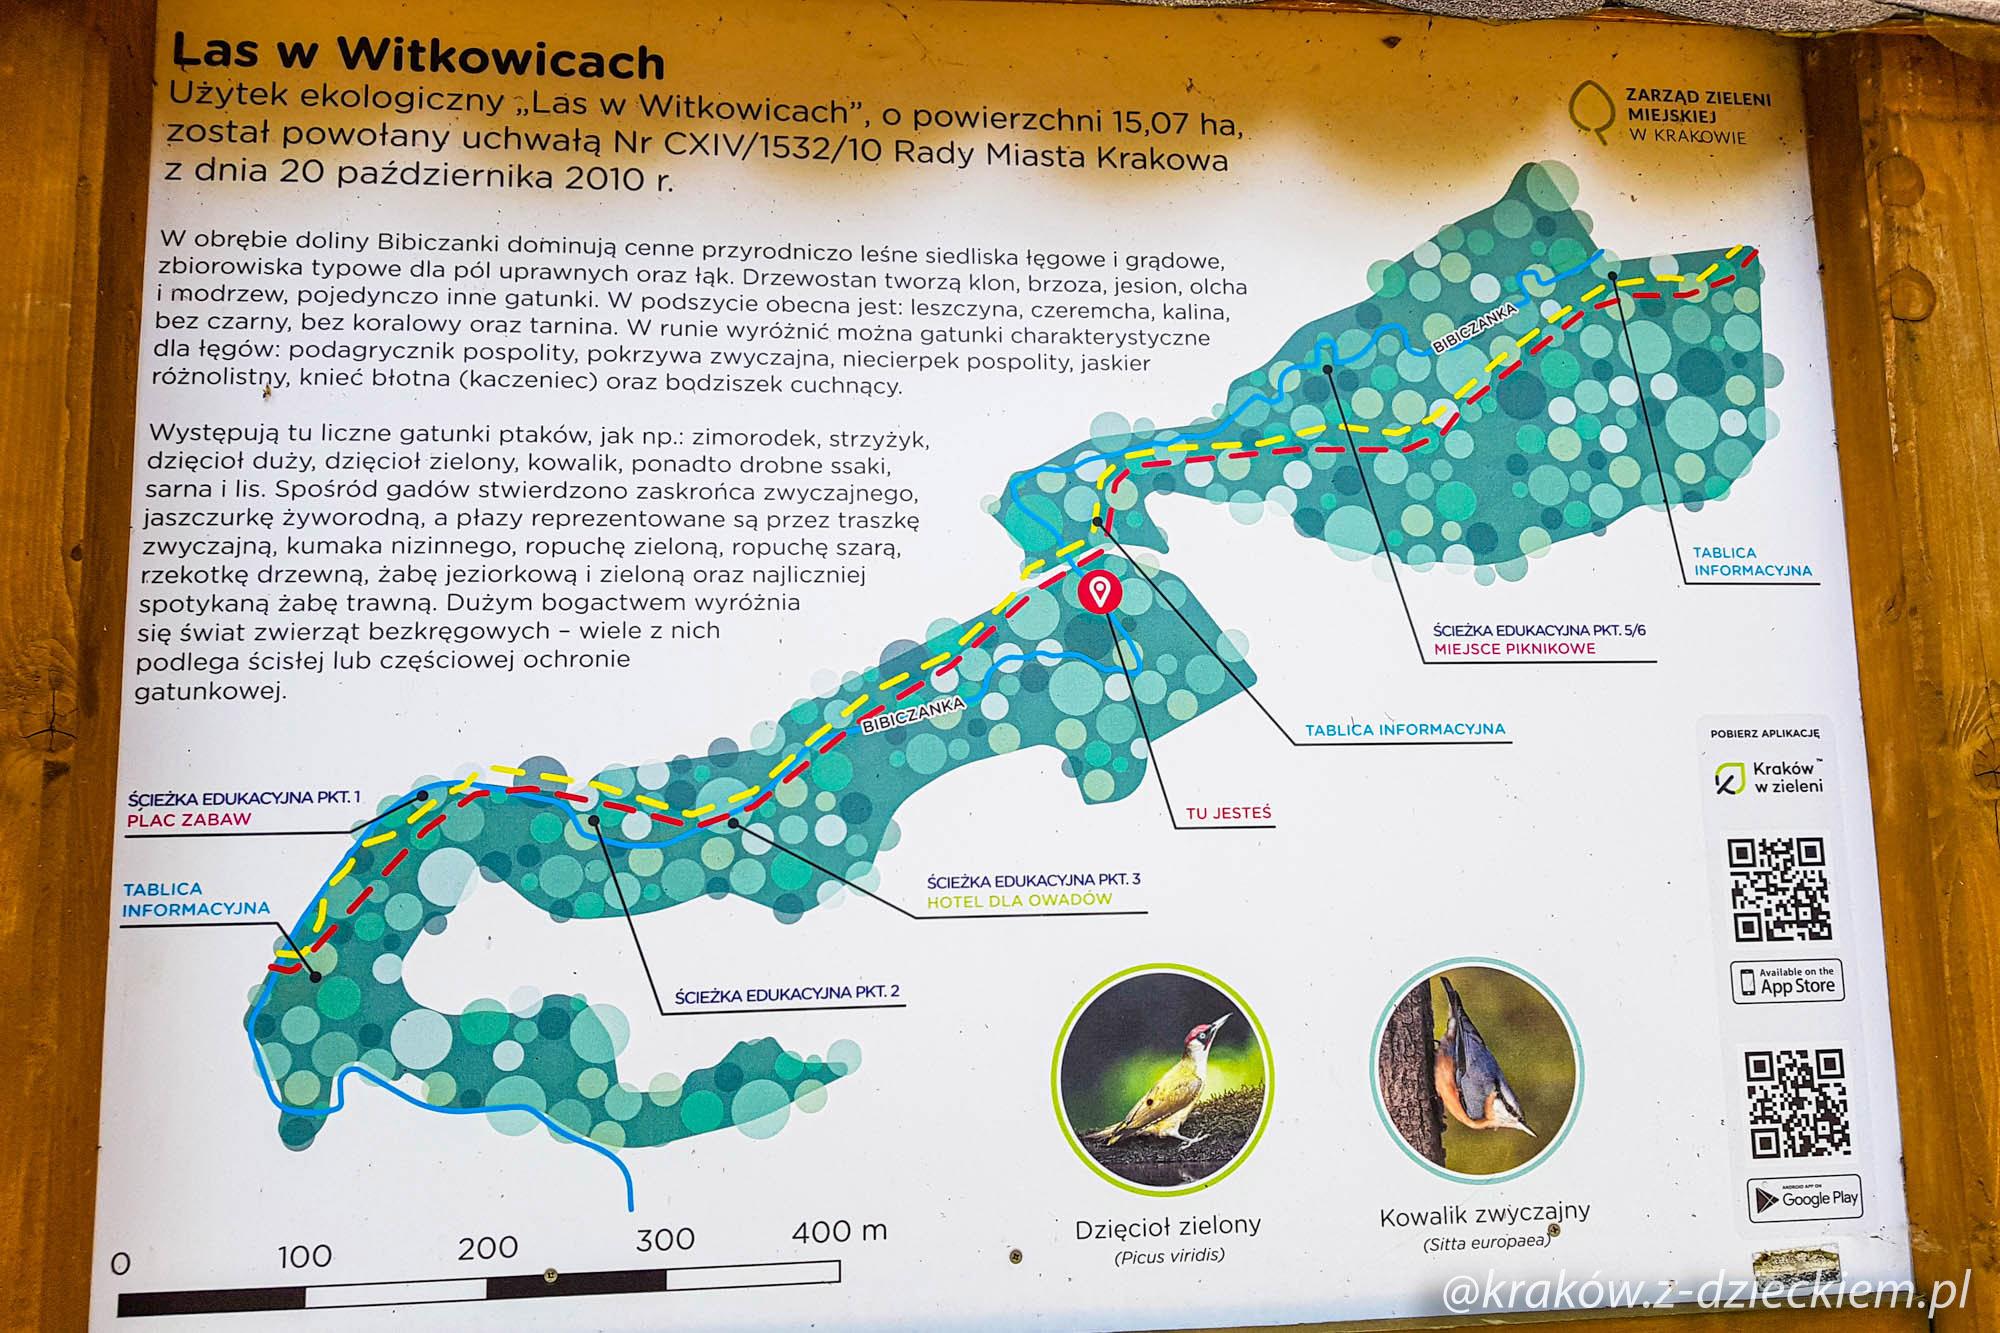 las witkowicki